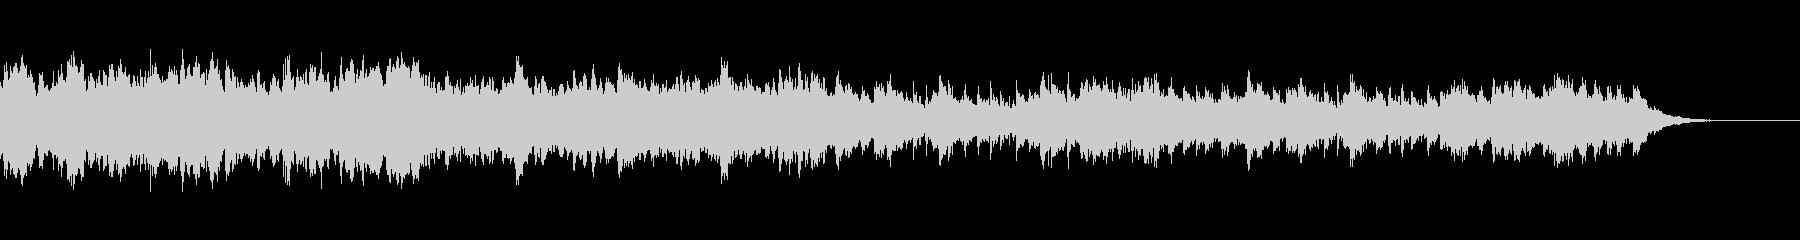 ショートBGM、フォレストピアノの未再生の波形